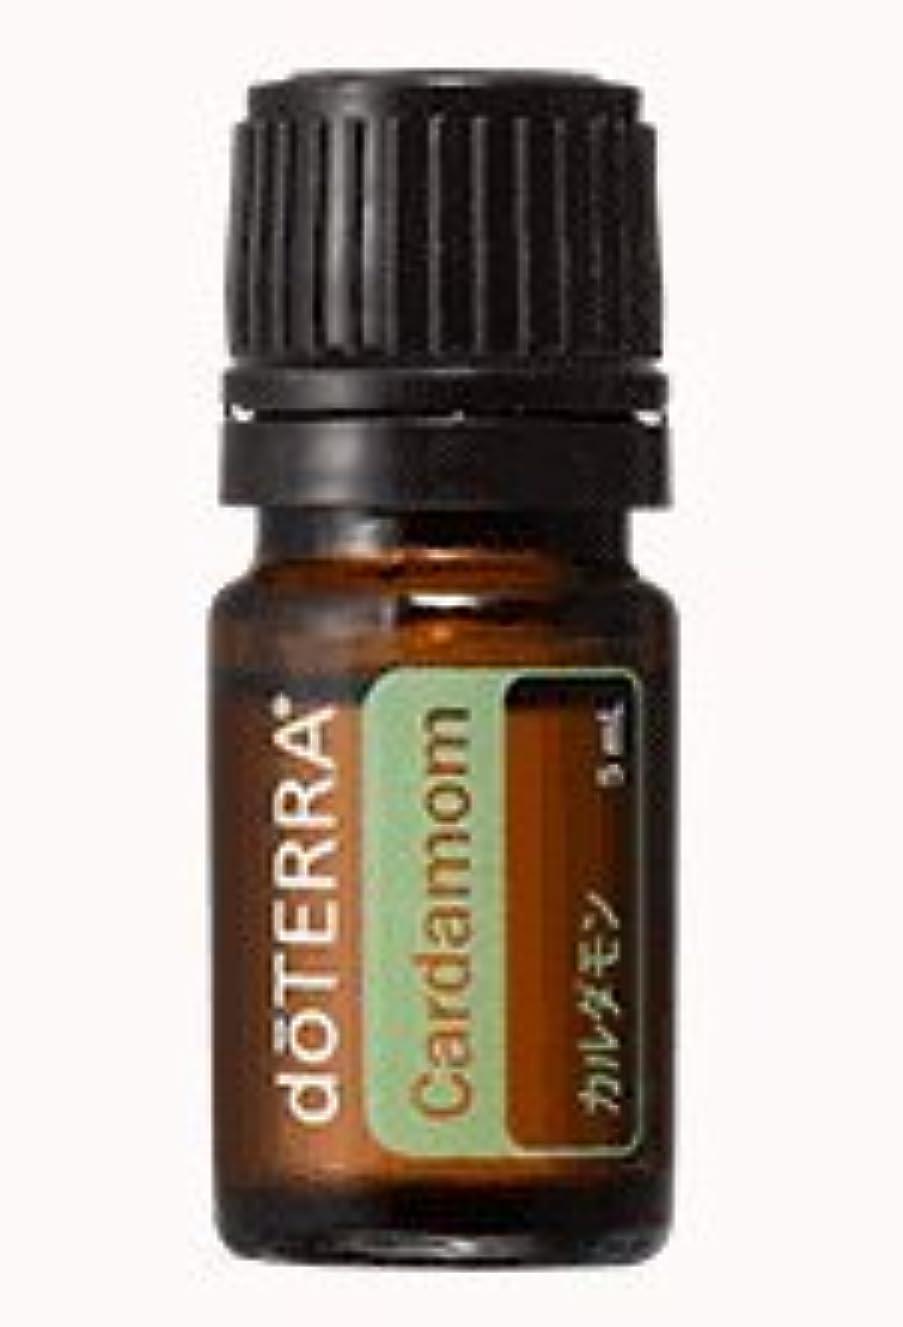 未使用ギャングジョガードテラ カルダモン 5 ml アロマオイル エッセンシャルオイル 精油 スパイス系 aroma